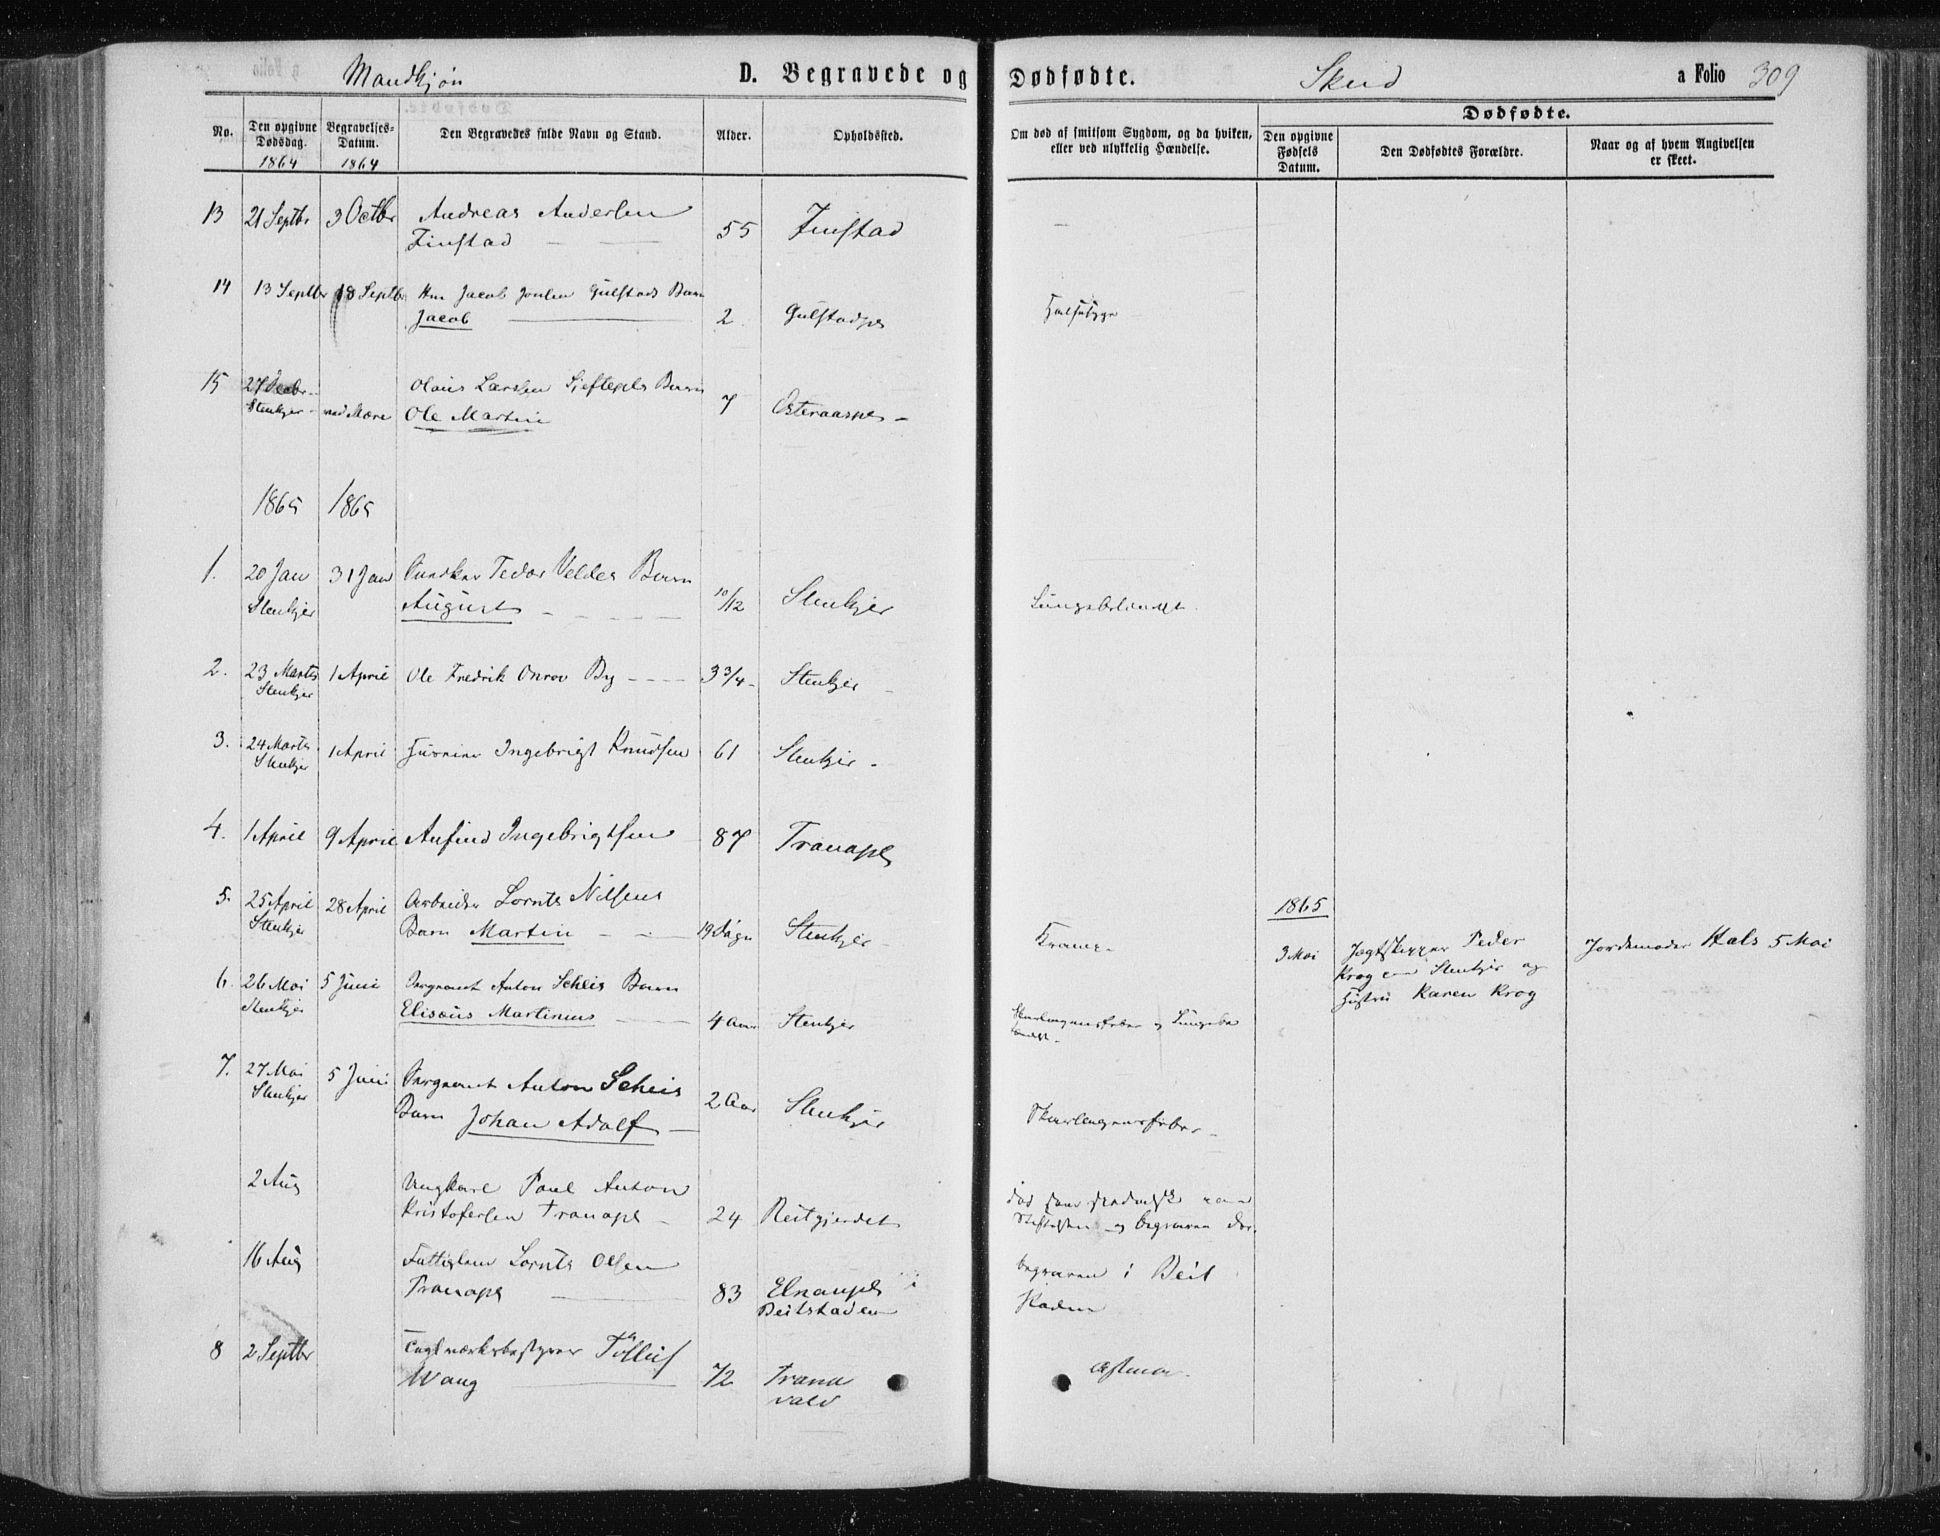 SAT, Ministerialprotokoller, klokkerbøker og fødselsregistre - Nord-Trøndelag, 735/L0345: Ministerialbok nr. 735A08 /2, 1863-1872, s. 309